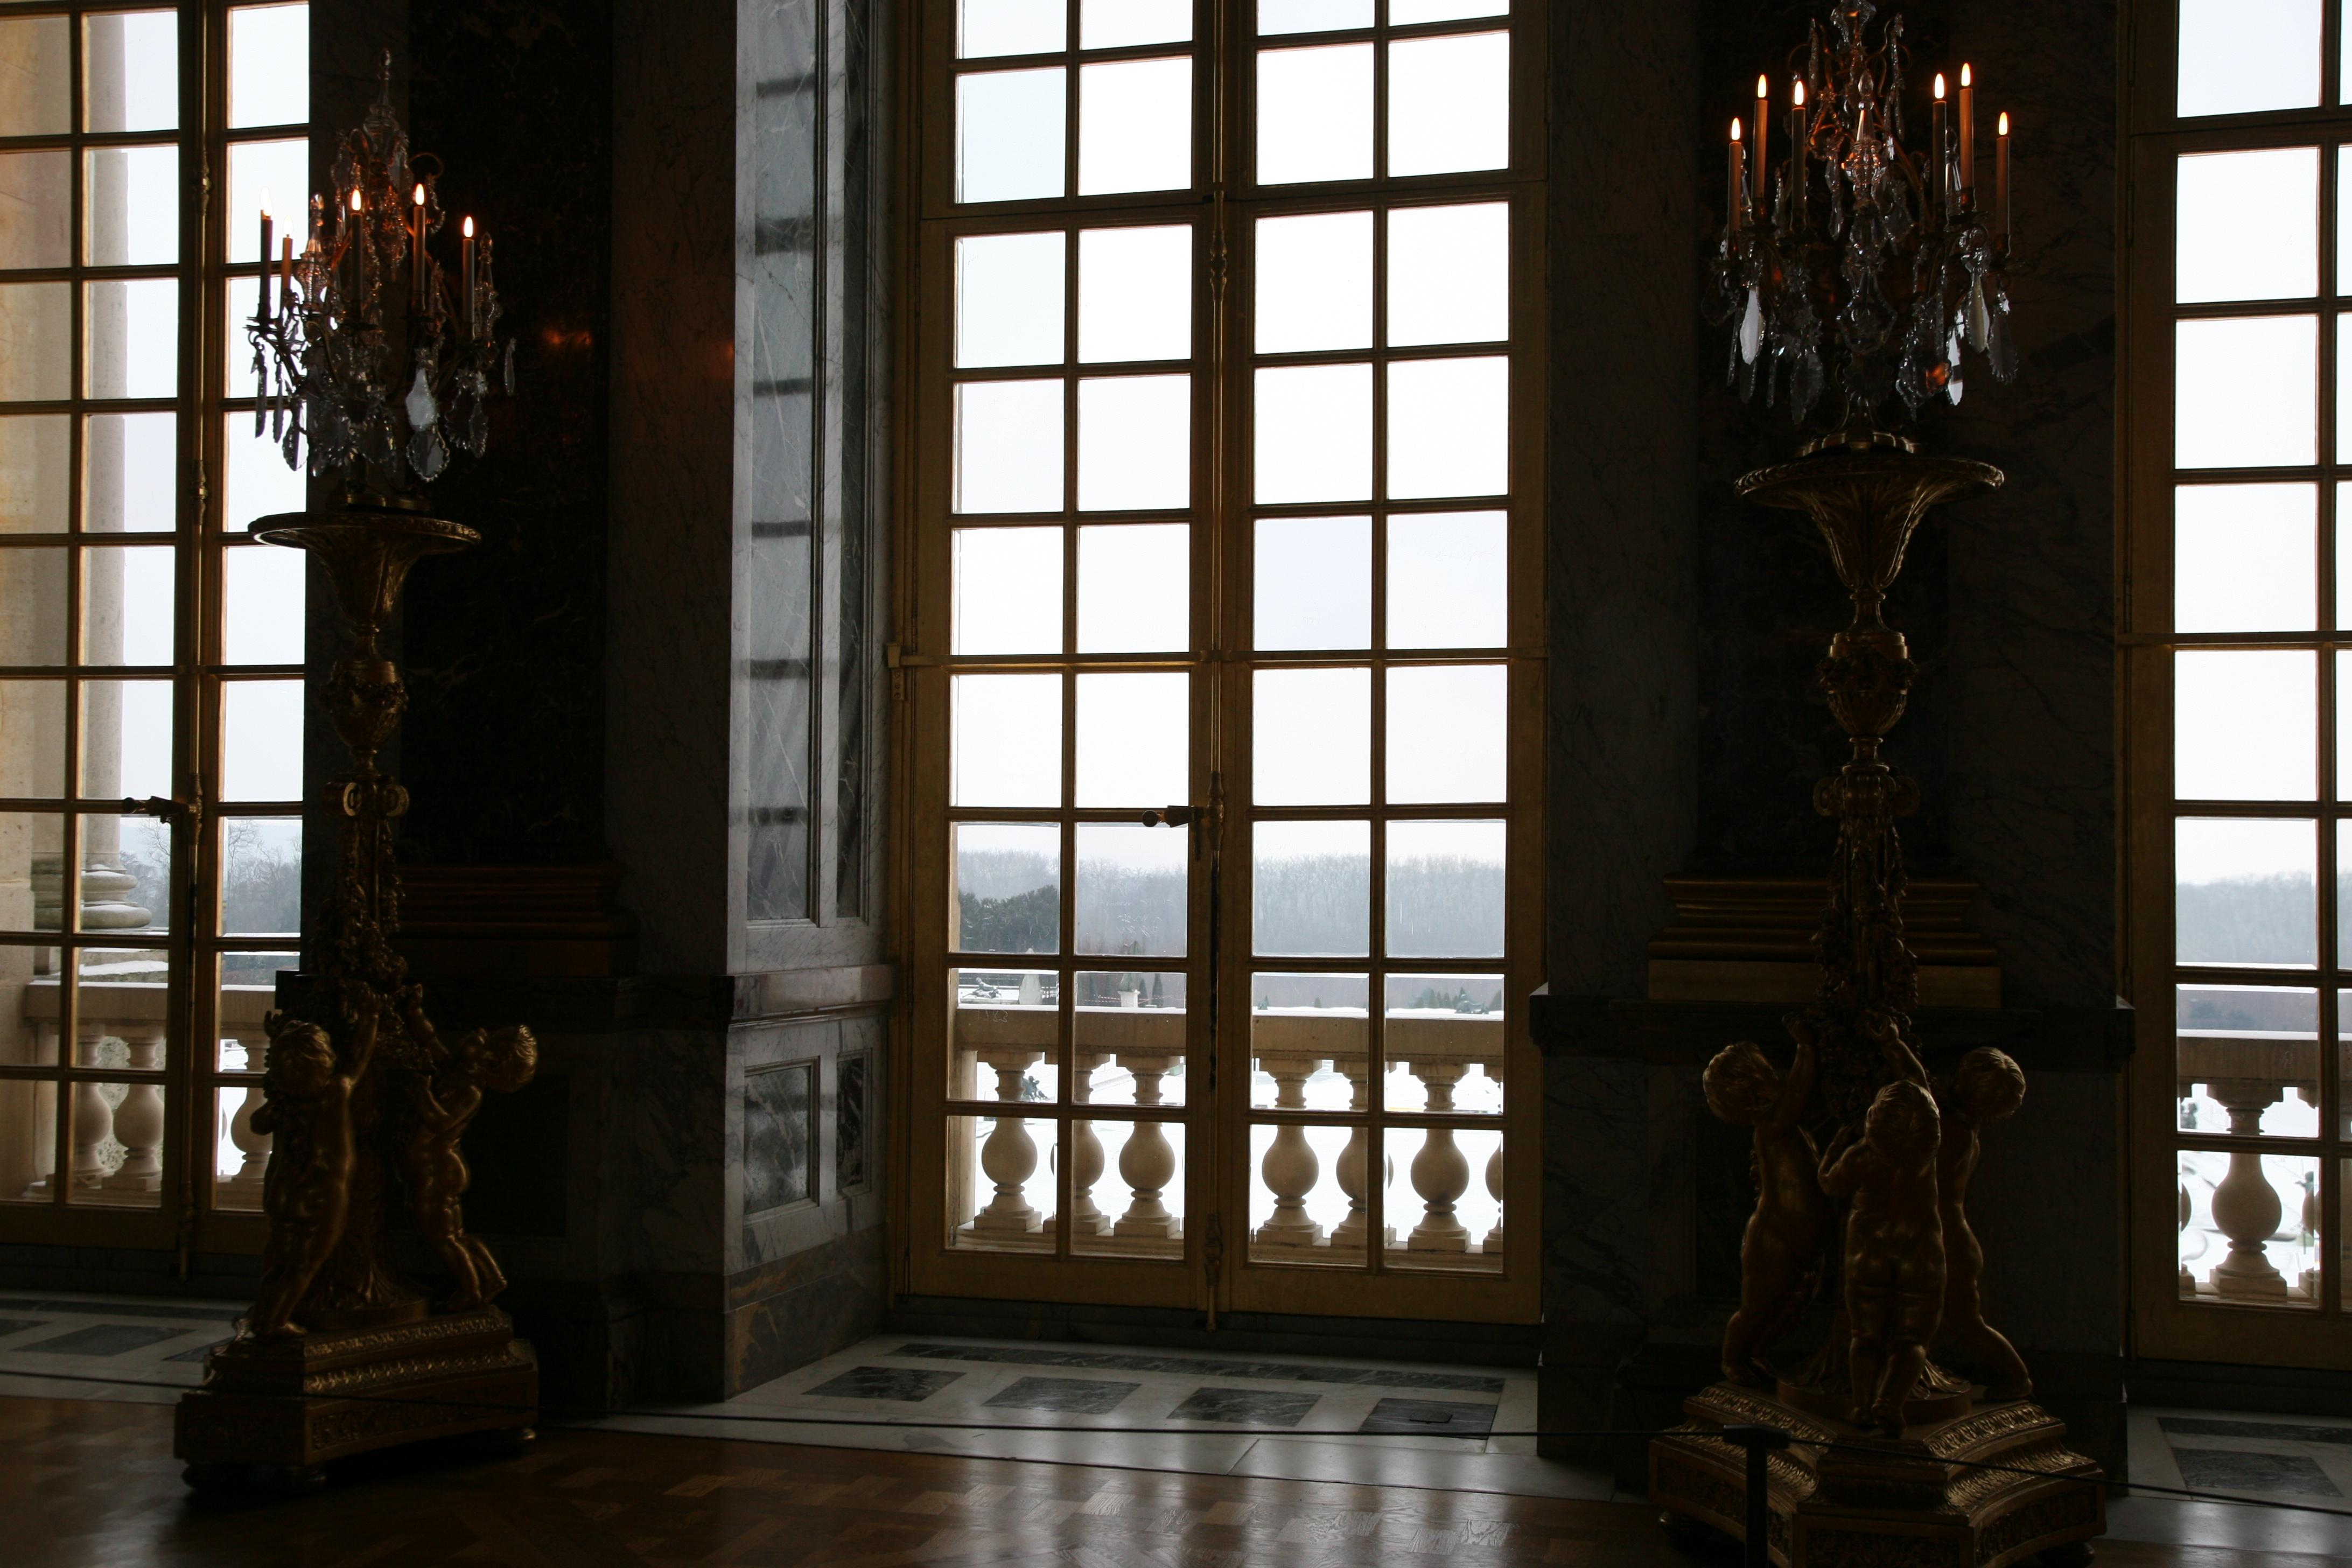 Kostenlose Foto : Die Architektur, Holz, Fenster, Glas, Gebäude, Palast,  Frankreich, Museum, Möbel, Tür, Innenarchitektur, Symmetrie, Palacio, ...